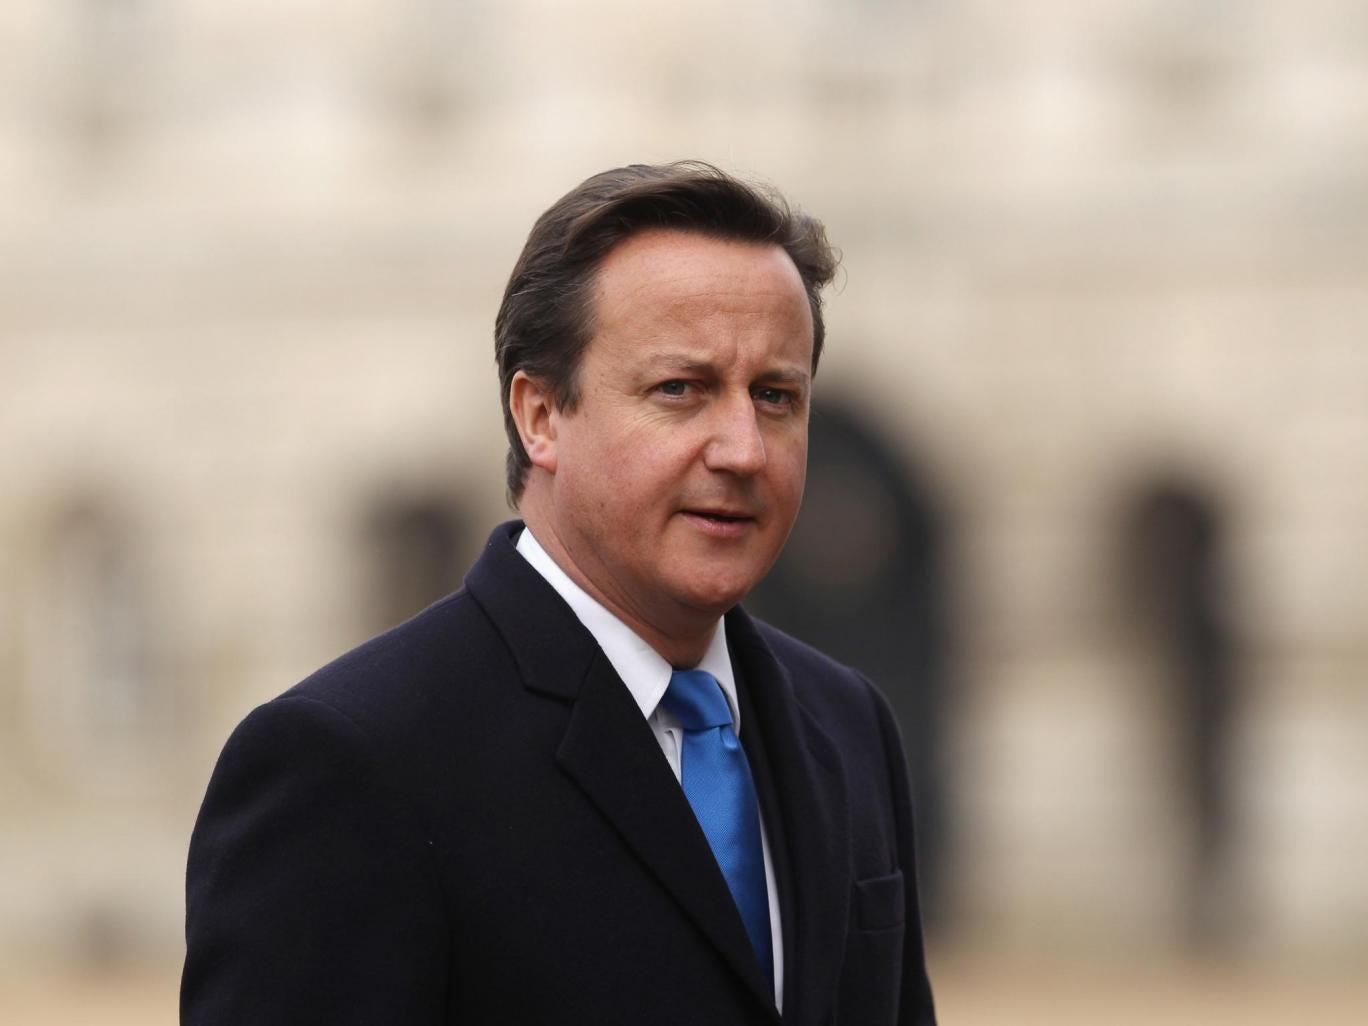 Vitol's Ian Taylor has close links to David Cameron